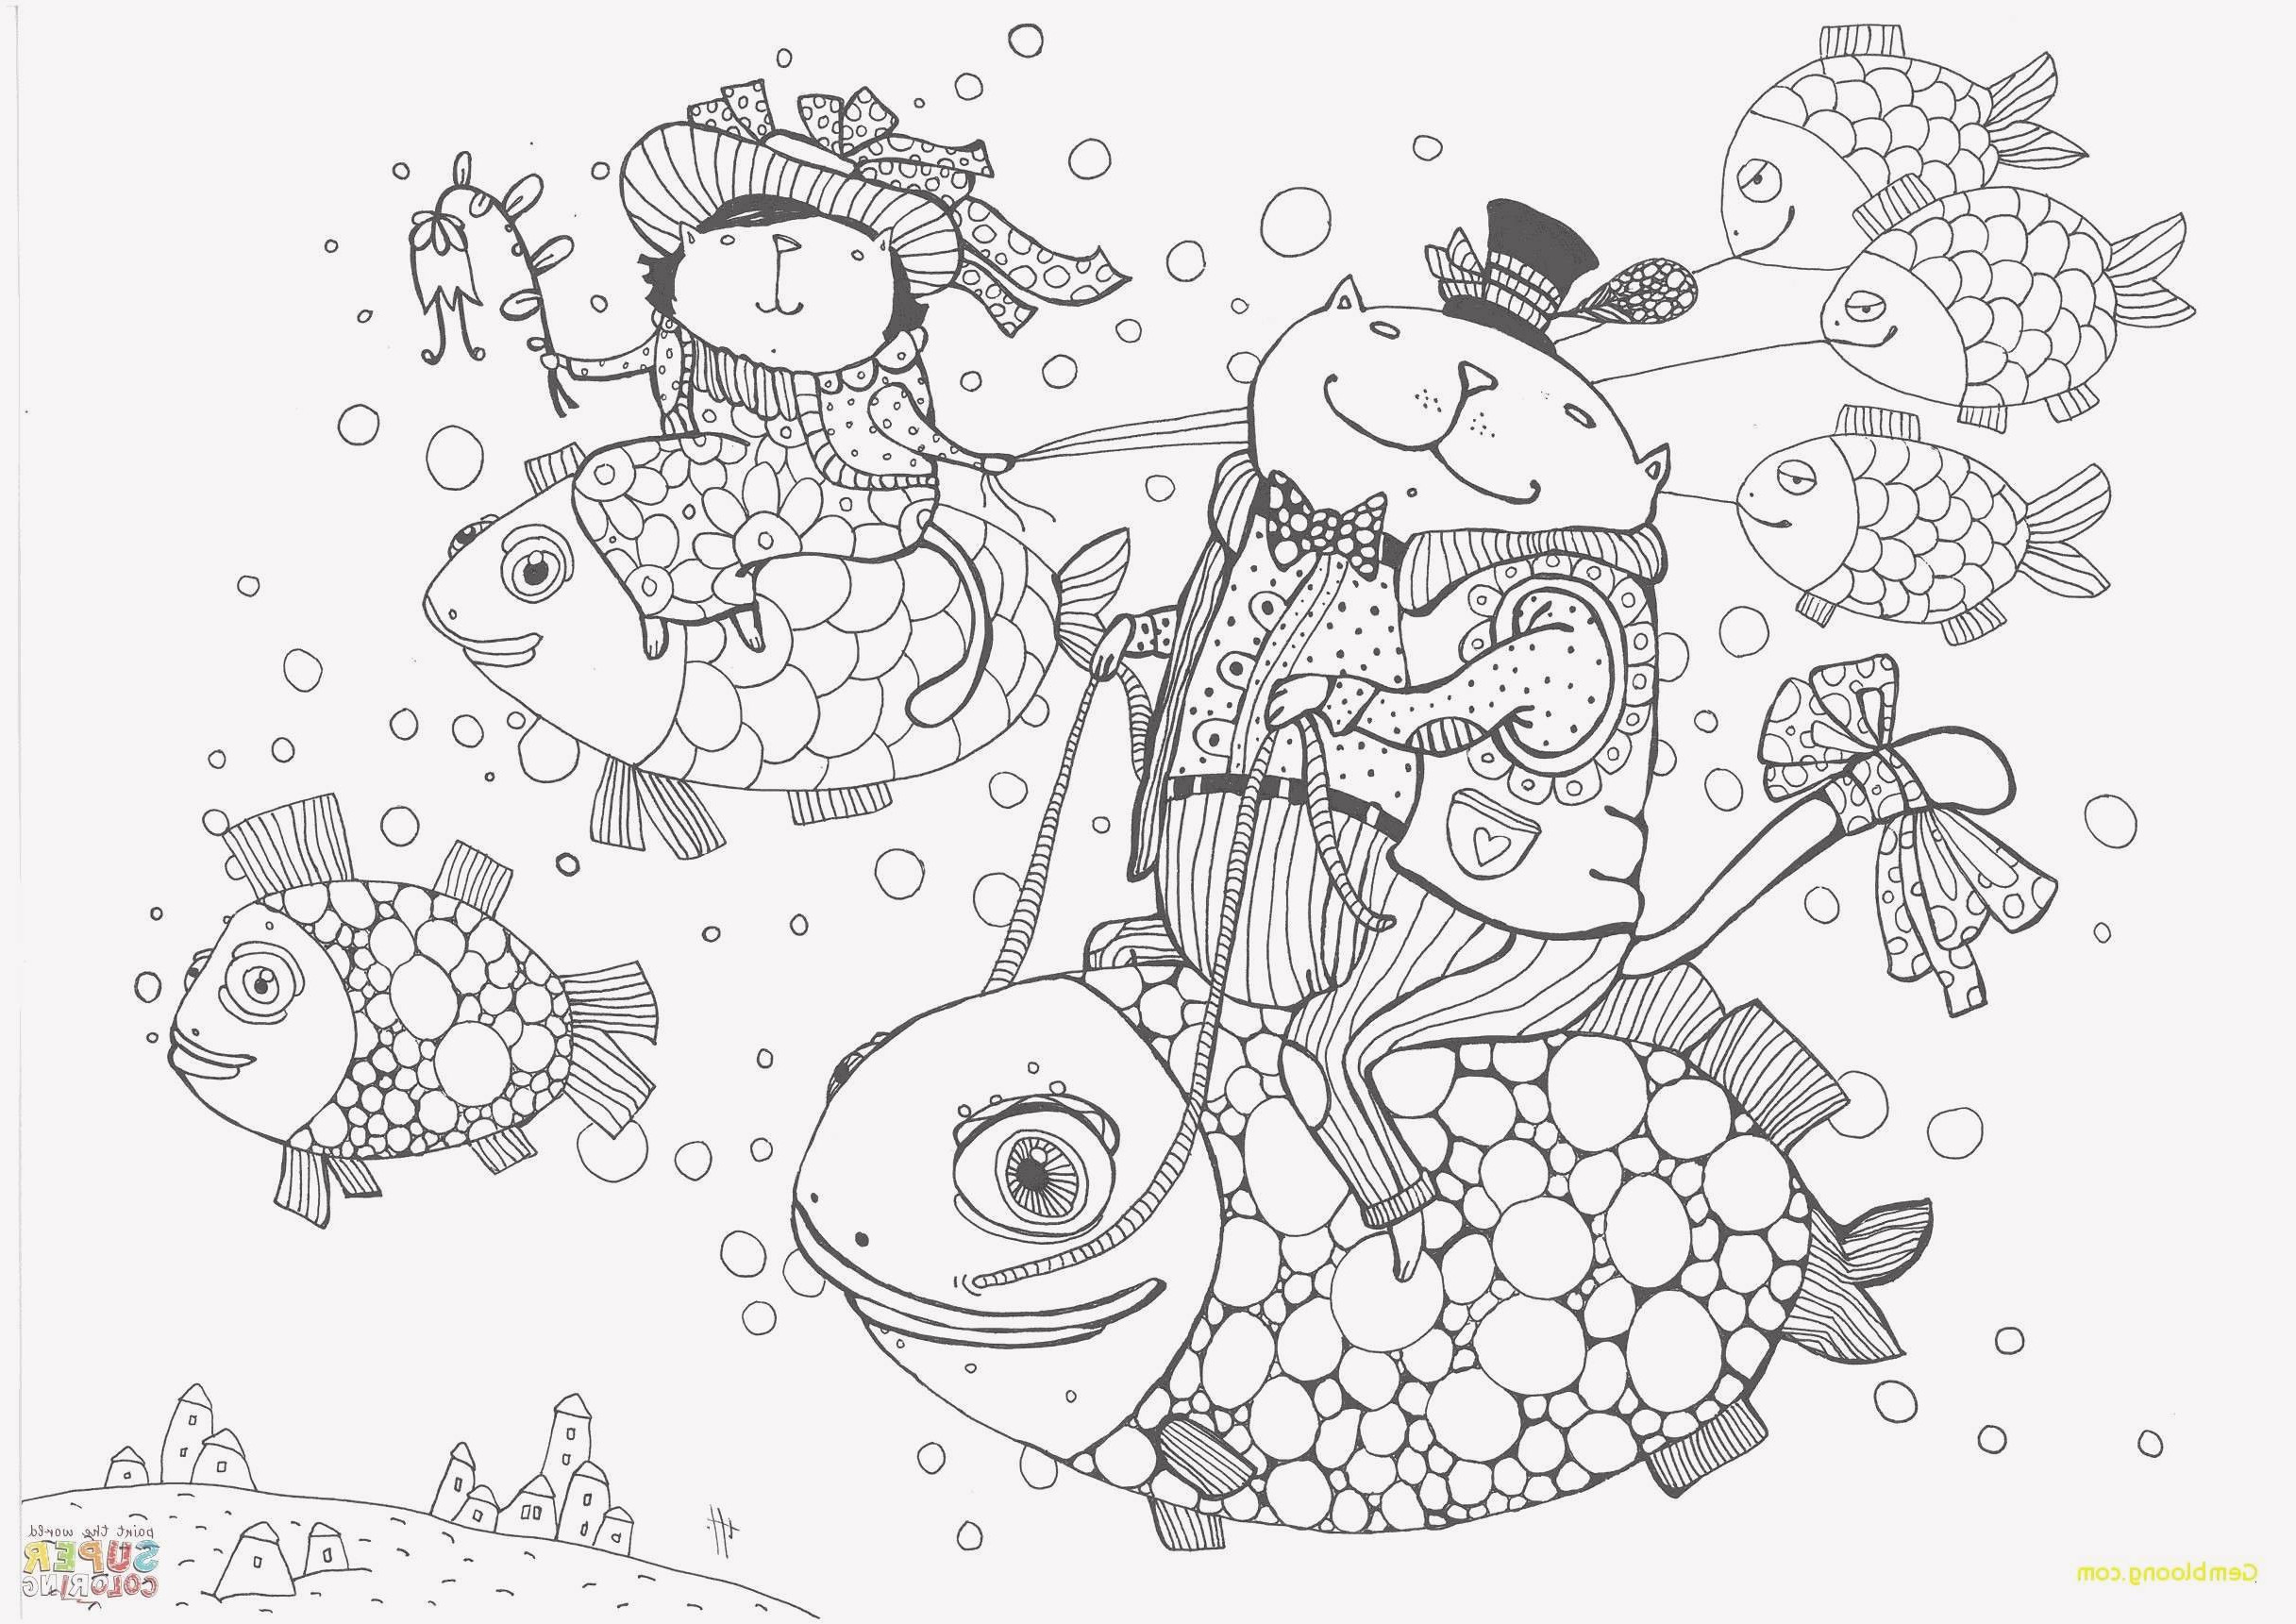 Malvorlagen Anna Und Elsa Frisch 34 Luxus Ausmalbilder Weihnachten Kostenlos – Große Coloring Page Bilder